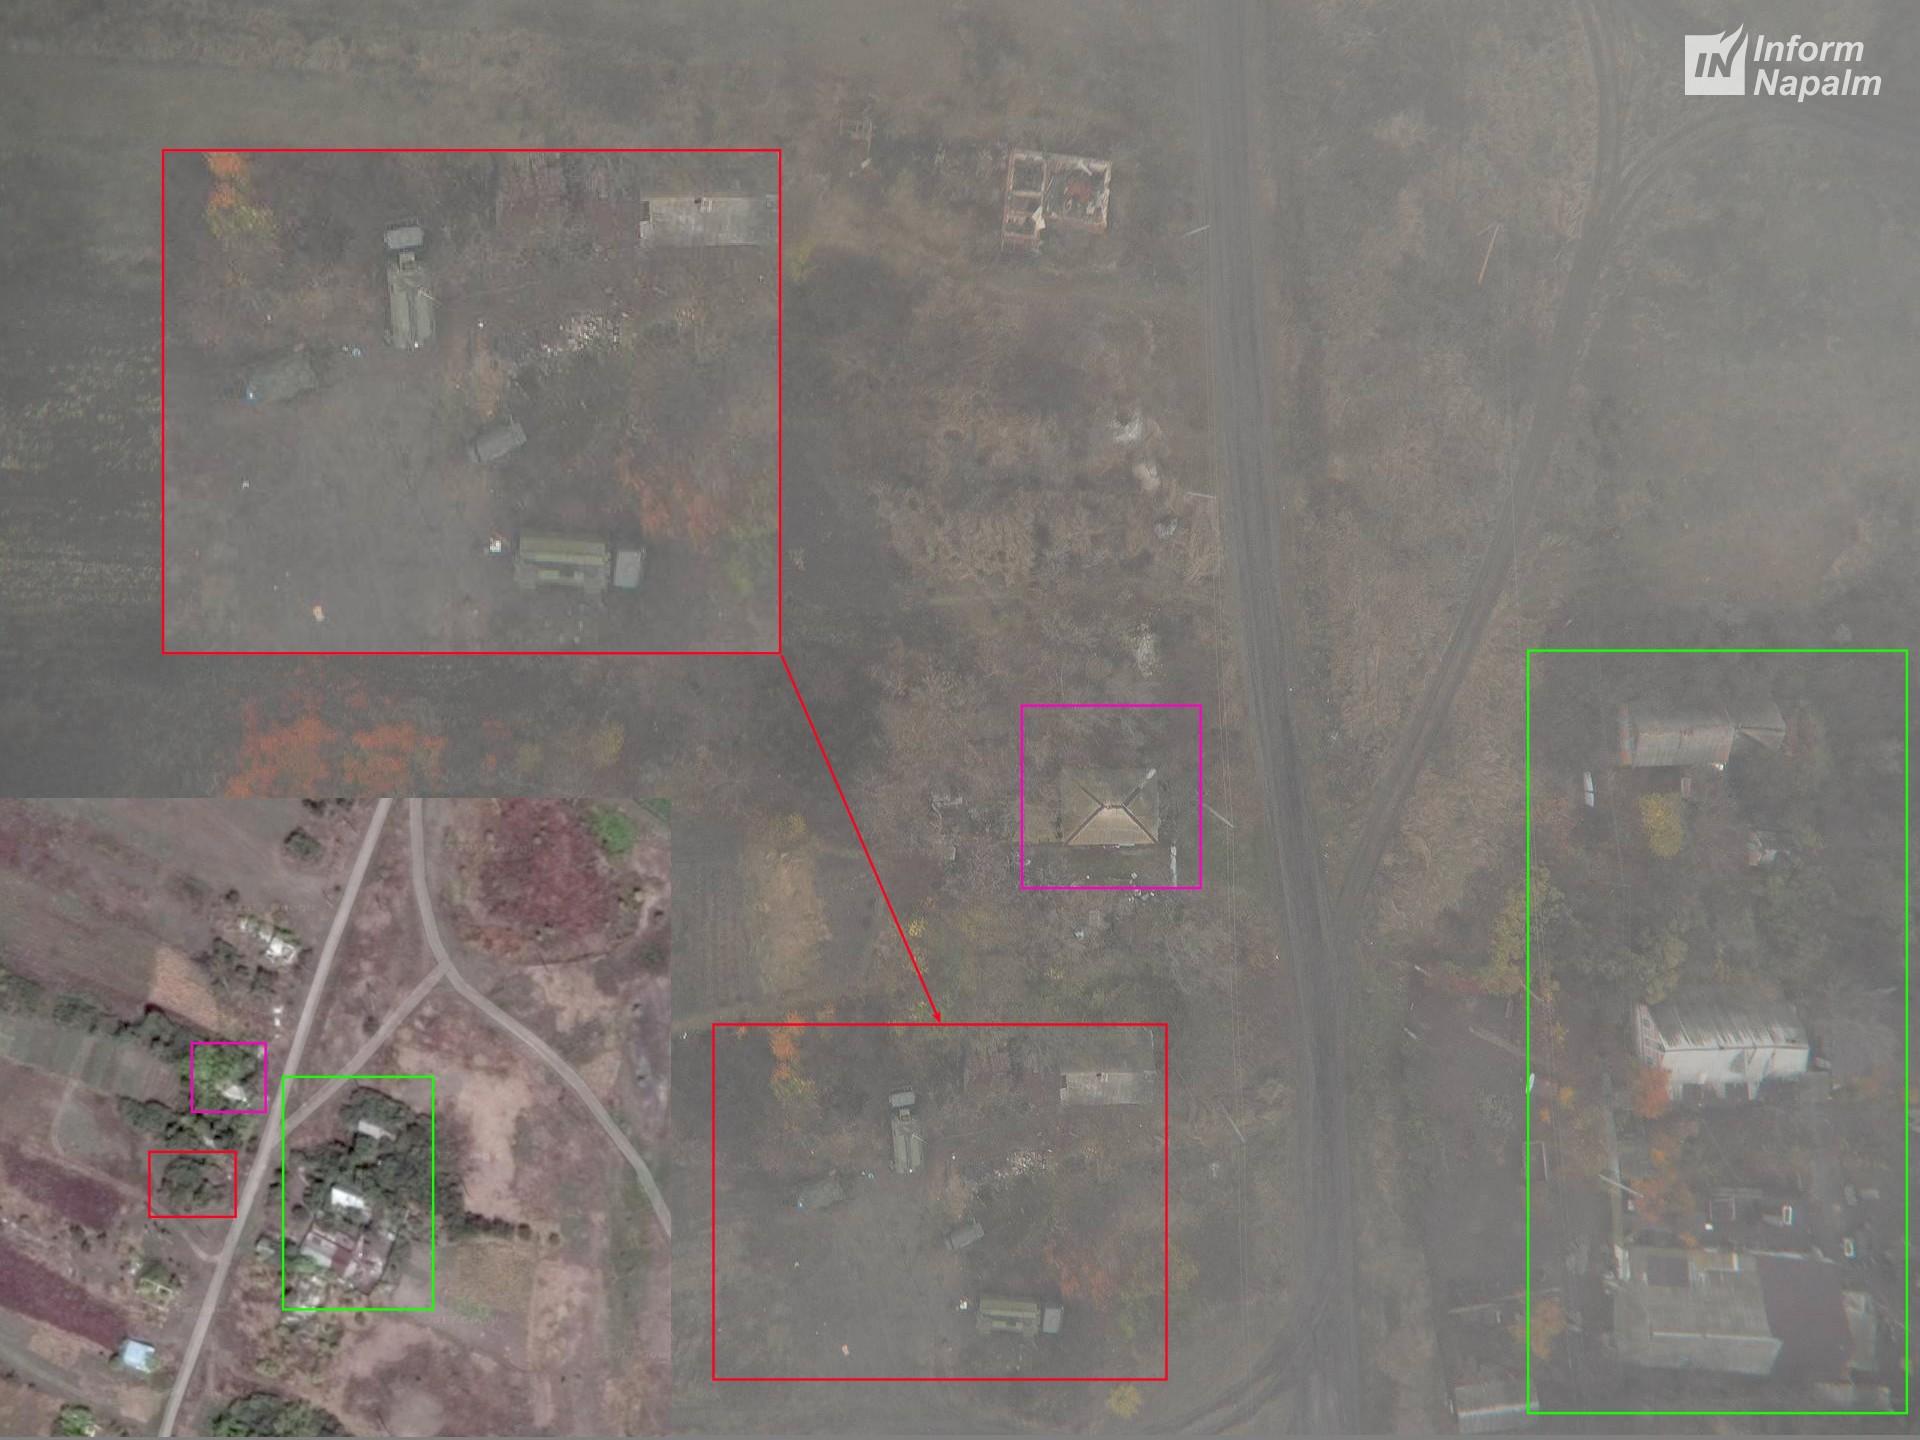 R-330Zh Zhitel 7 km från avgränsningslinjen i Donbass